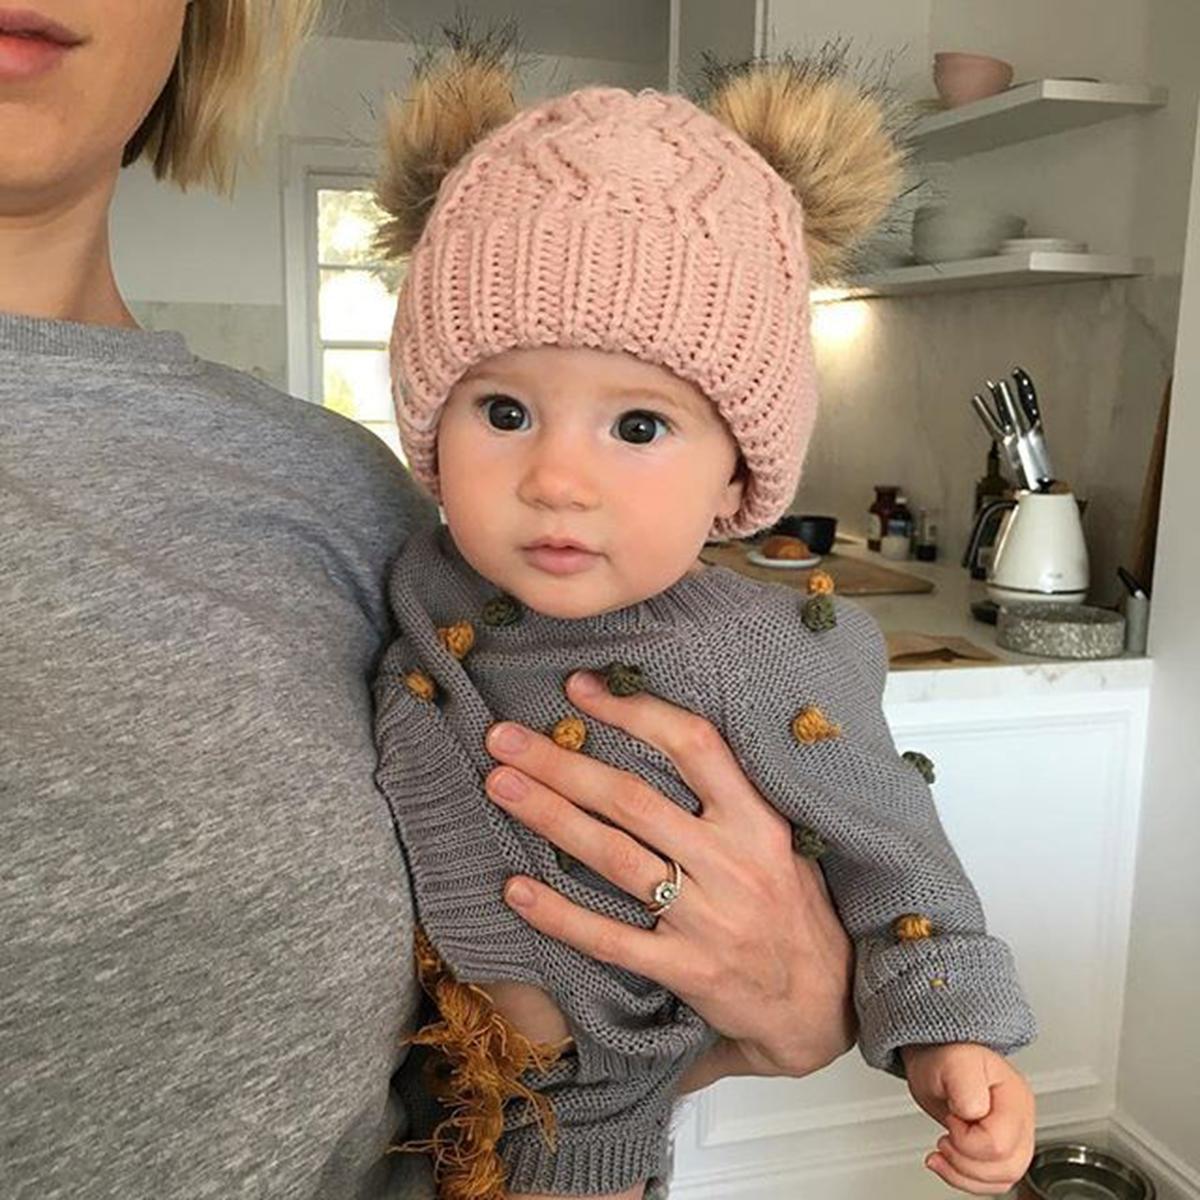 8fad9f157d2d Bebé Niño niña Invierno Cálido Sombrero de punto Gorro de invierno Sombrero  infantil Pompón doble Sombreros Pelota de piel Gorros Para unisex 0-1 año